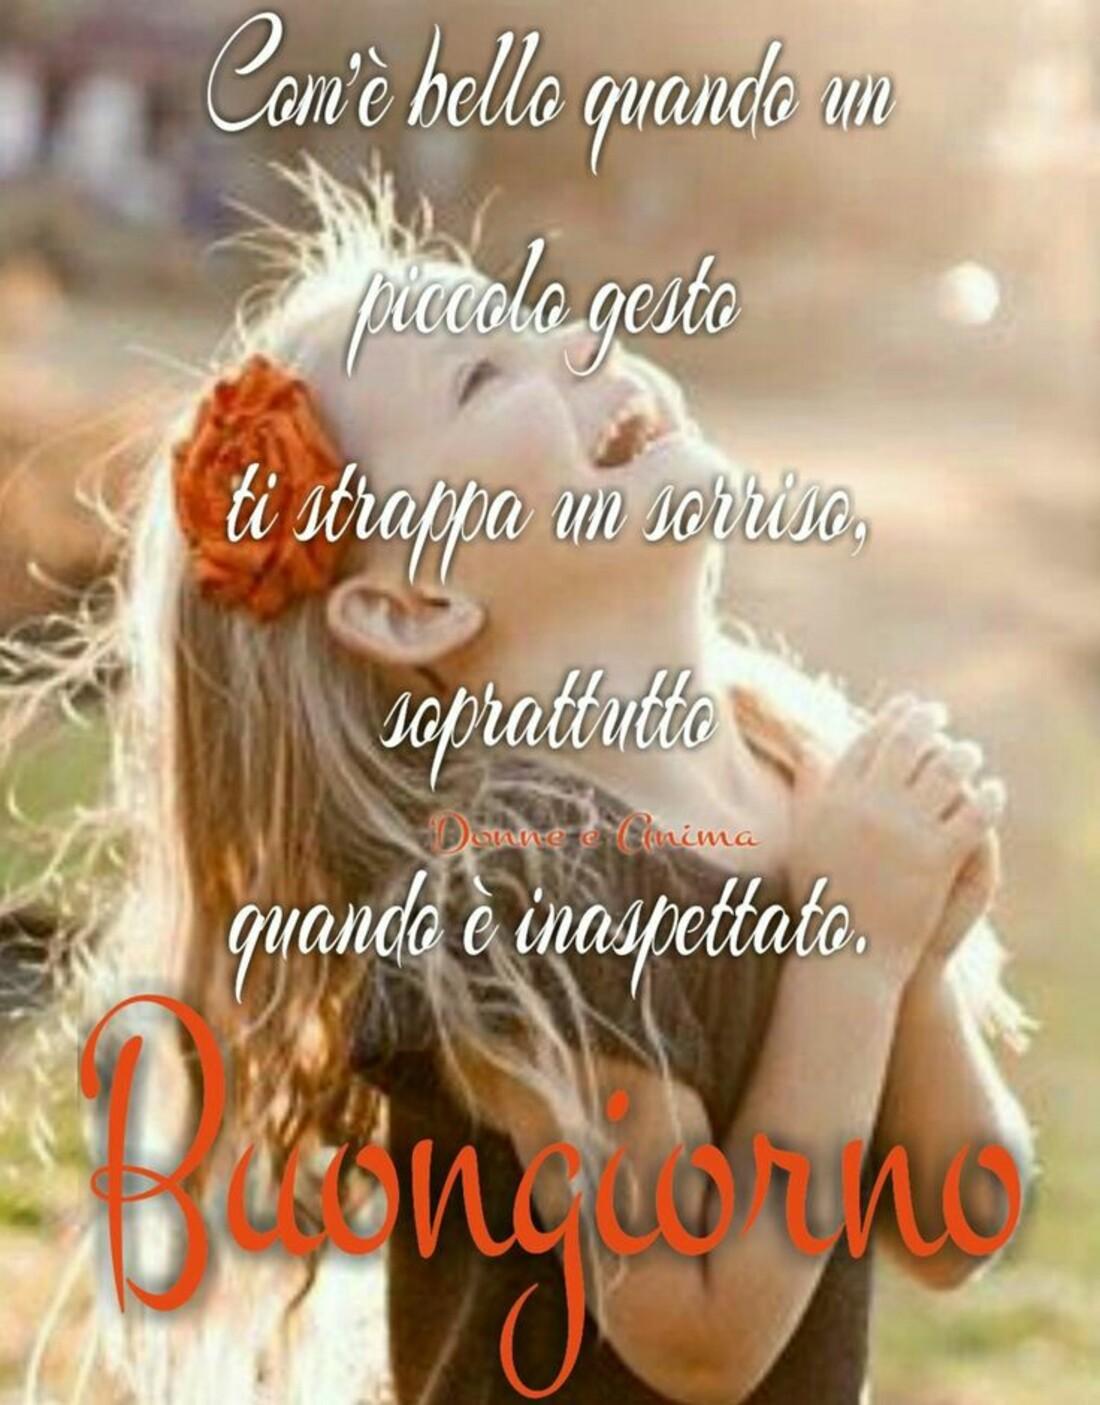 Immagini Baciogiorno (6)